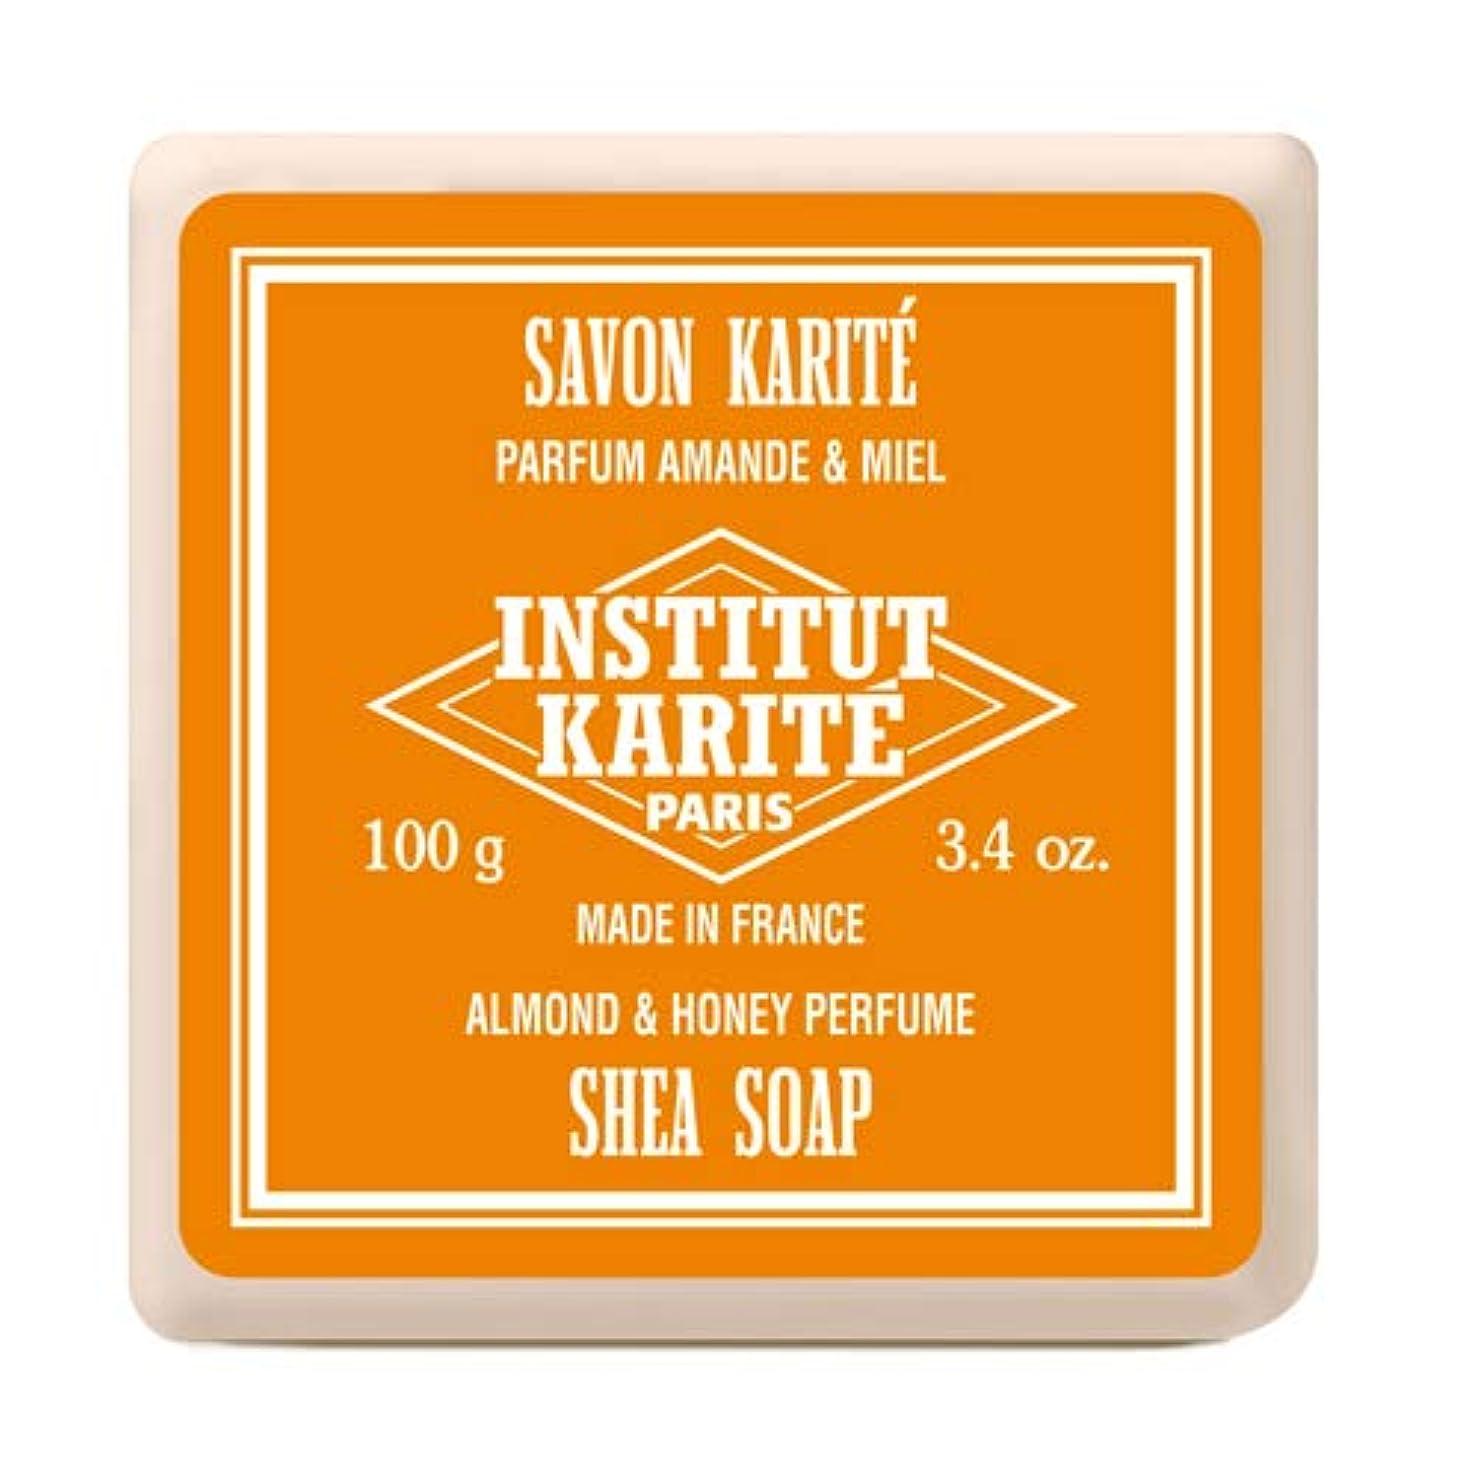 デクリメントハーブ打撃INSTITUT KARITE インスティテュート カリテ Shea Wrapped Soap シアソープ 100g Almond & Honey アーモンド&ハニー